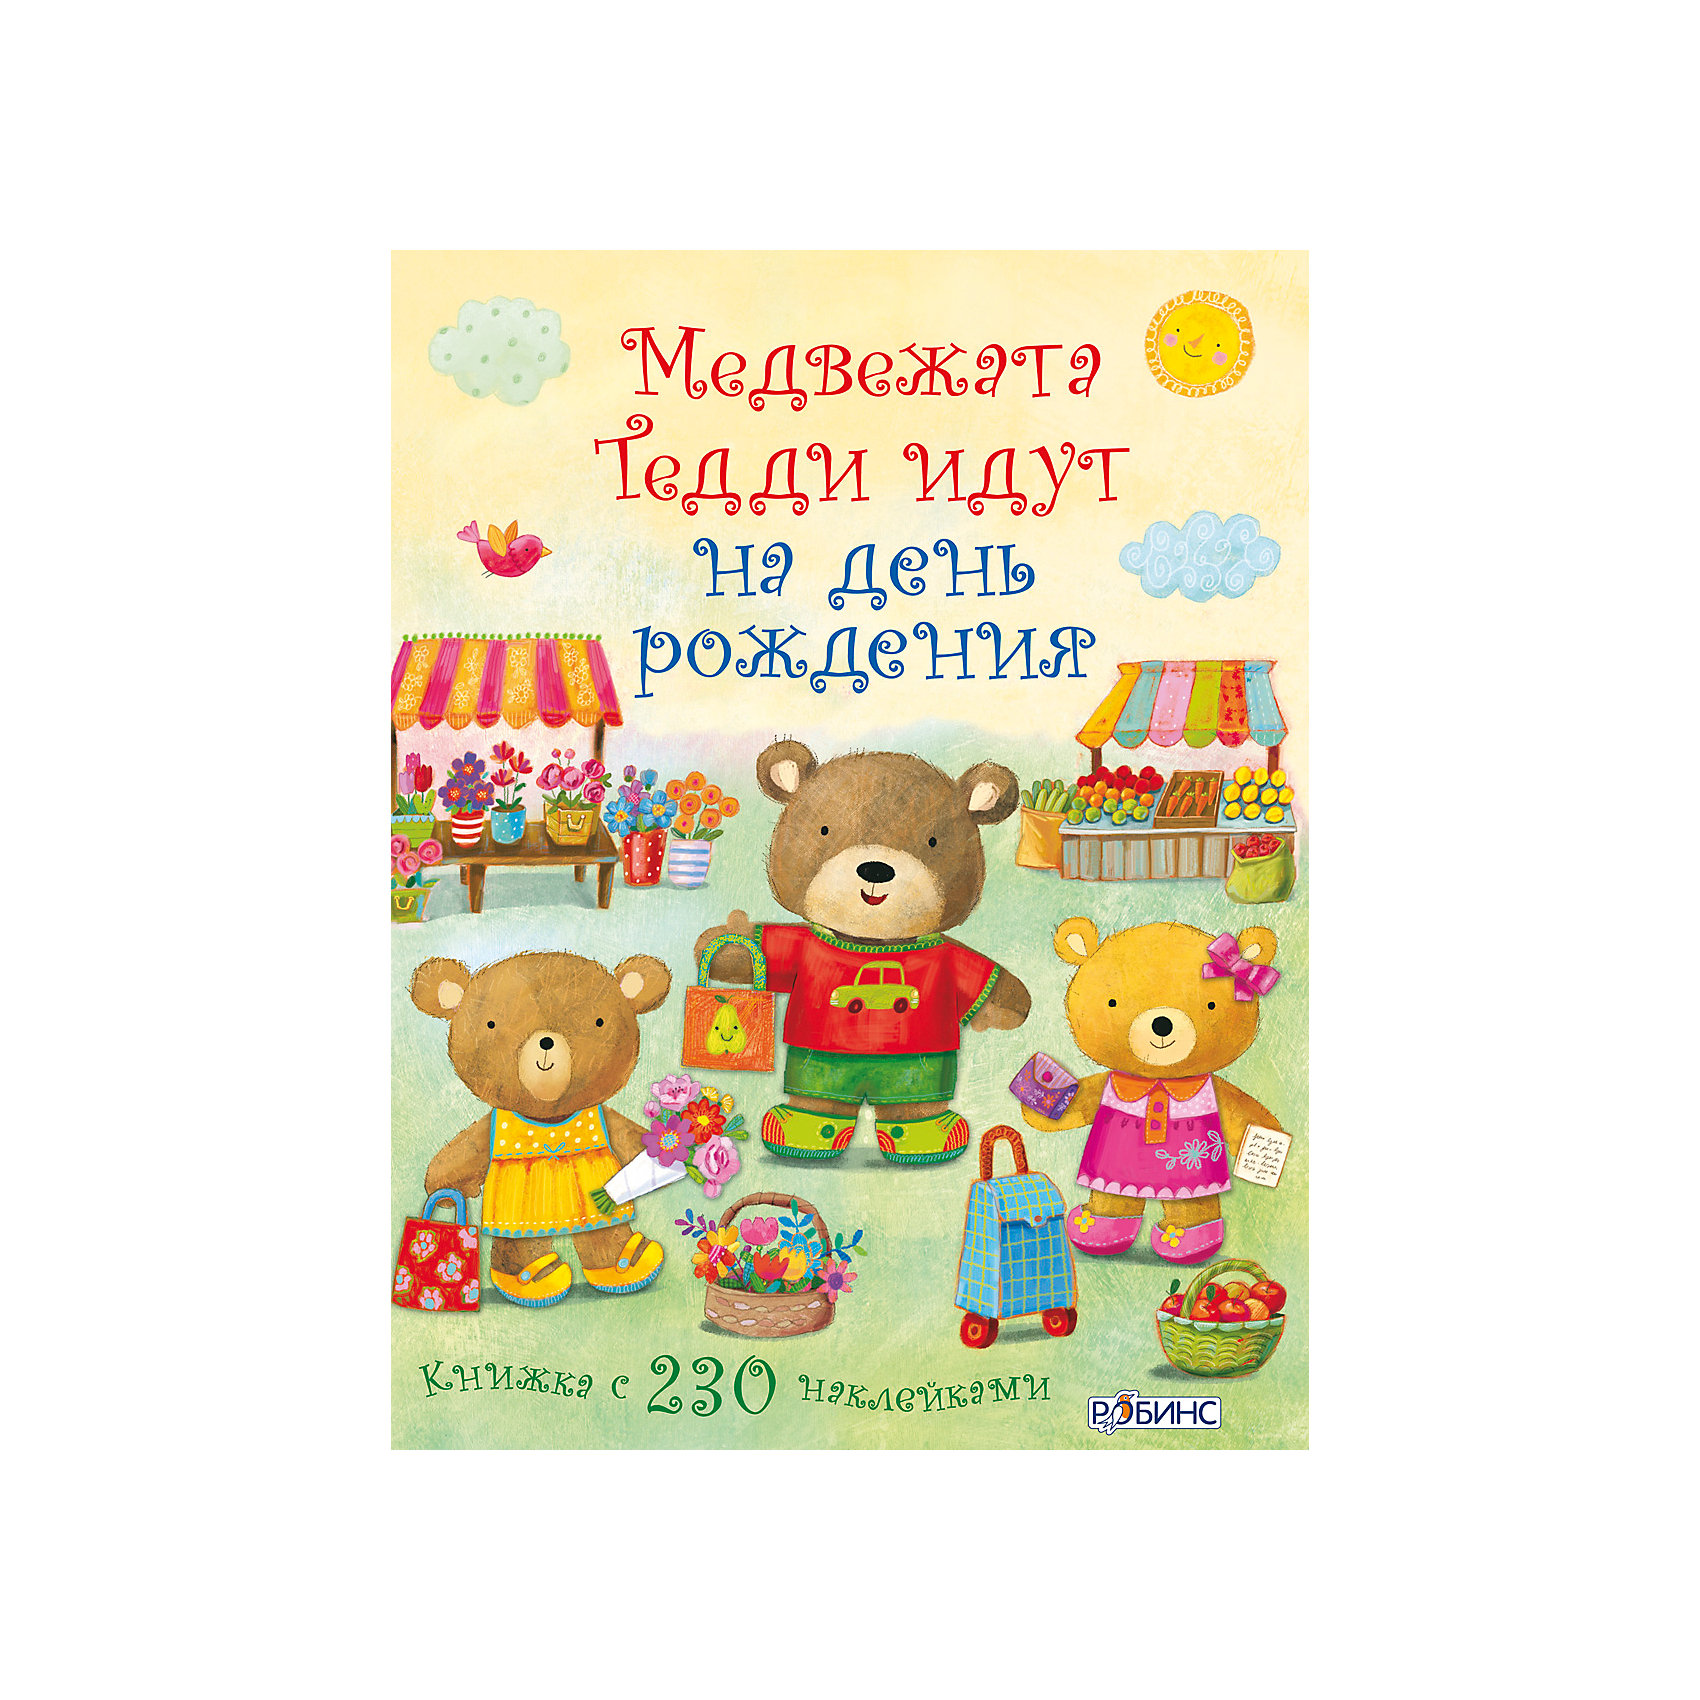 Книга с наклейками  Медвежата Тедди идут на день рожденияМедвежата Тедди идут на день рождения - продолжение серии книжек с наклейками о маленьких медвежатах, более 200 наклеек внутри!  <br>Теперь герои книжки Потап, Кузя и Плюшка собираются на день рождения Ириски.  <br>Вашей задачей будет подготовить медвежат к этому событию: подобрать одежду, собрать сумки, купить цветы и пирожные, и конечно же подарки.  <br><br>В чем особенность книги:  <br>- Яркие, крупные иллюстрации;  <br>- Много-много-много наклеек;  <br>- Интересная история.  <br><br>Дополнительная информация:<br><br>Художник: Ятковска Эг<br>Дизайнер: Добби Мэг<br>Переводчик: Маккински И.<br>Формат: 27.7 x 21.6 x 0.3 см<br>Мягкая обложка<br>Страниц: 24<br><br>Книгу с наклейками  Медвежата Тедди идут на день рождения можно купить в нашем магазине.<br><br>Ширина мм: 278<br>Глубина мм: 215<br>Высота мм: 2<br>Вес г: 165<br>Возраст от месяцев: -2147483648<br>Возраст до месяцев: 2147483647<br>Пол: Унисекс<br>Возраст: Детский<br>SKU: 4610607